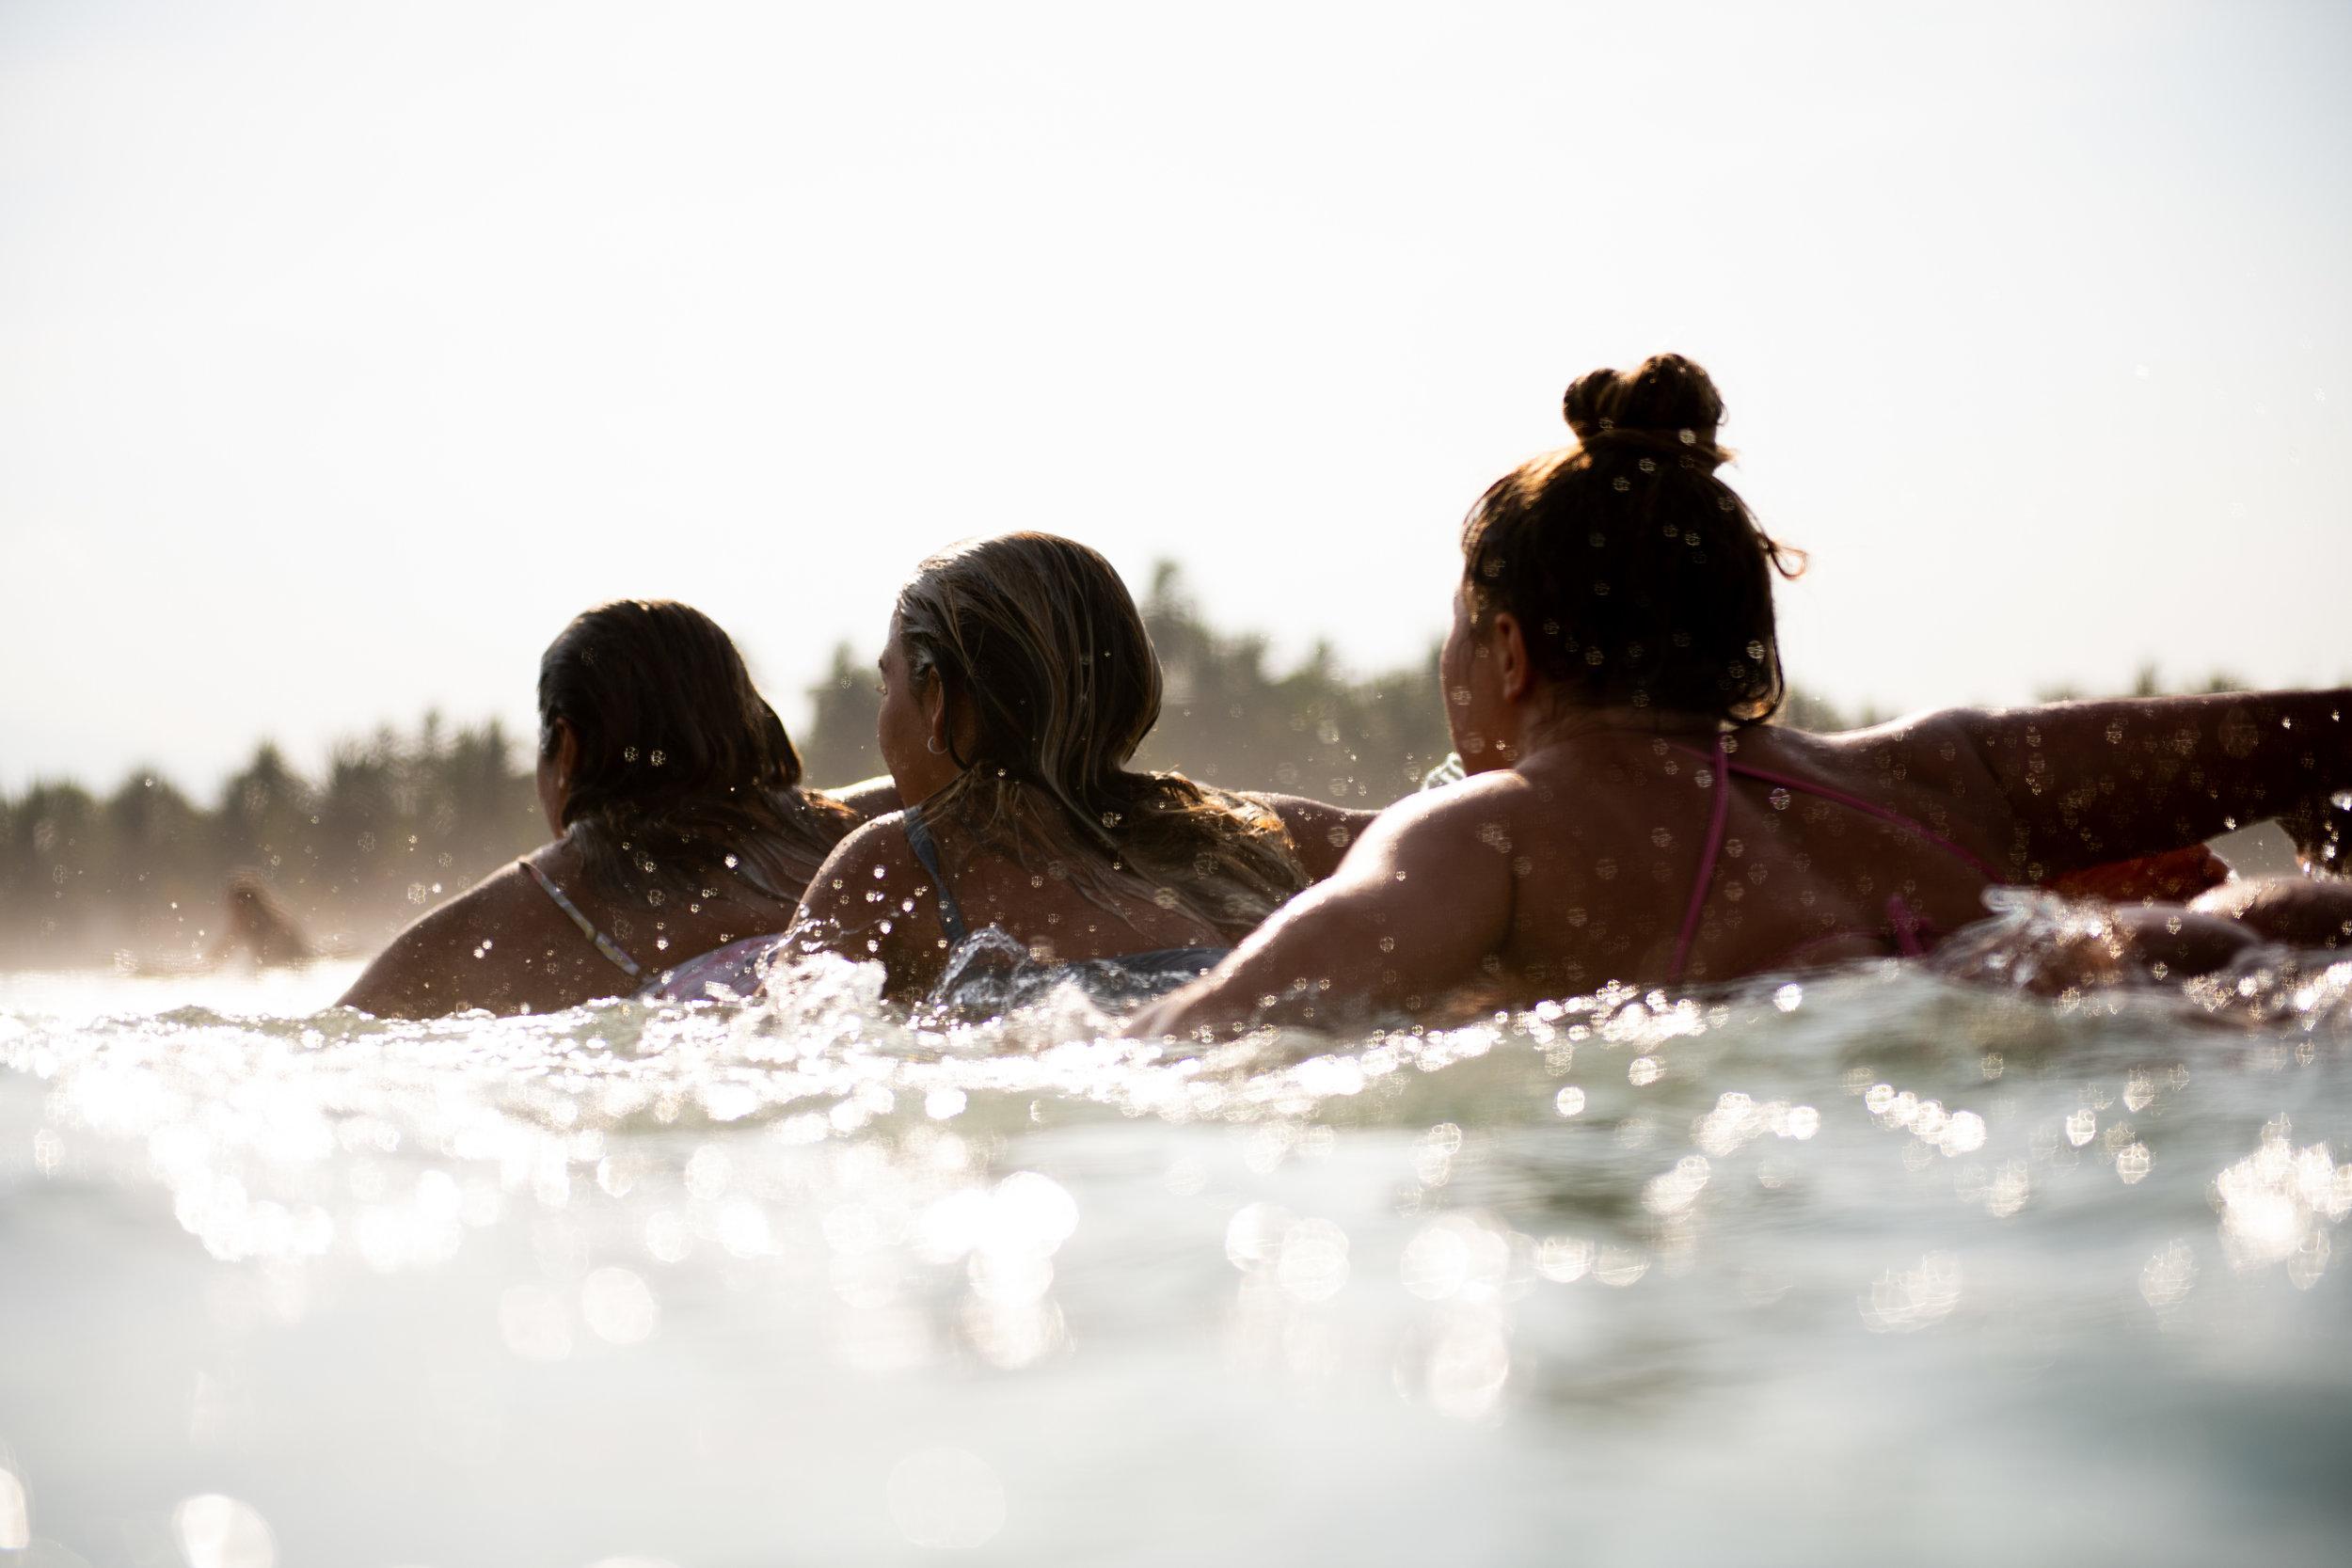 SURF_SOPHIAARKY_BBRADLEY-1.jpg